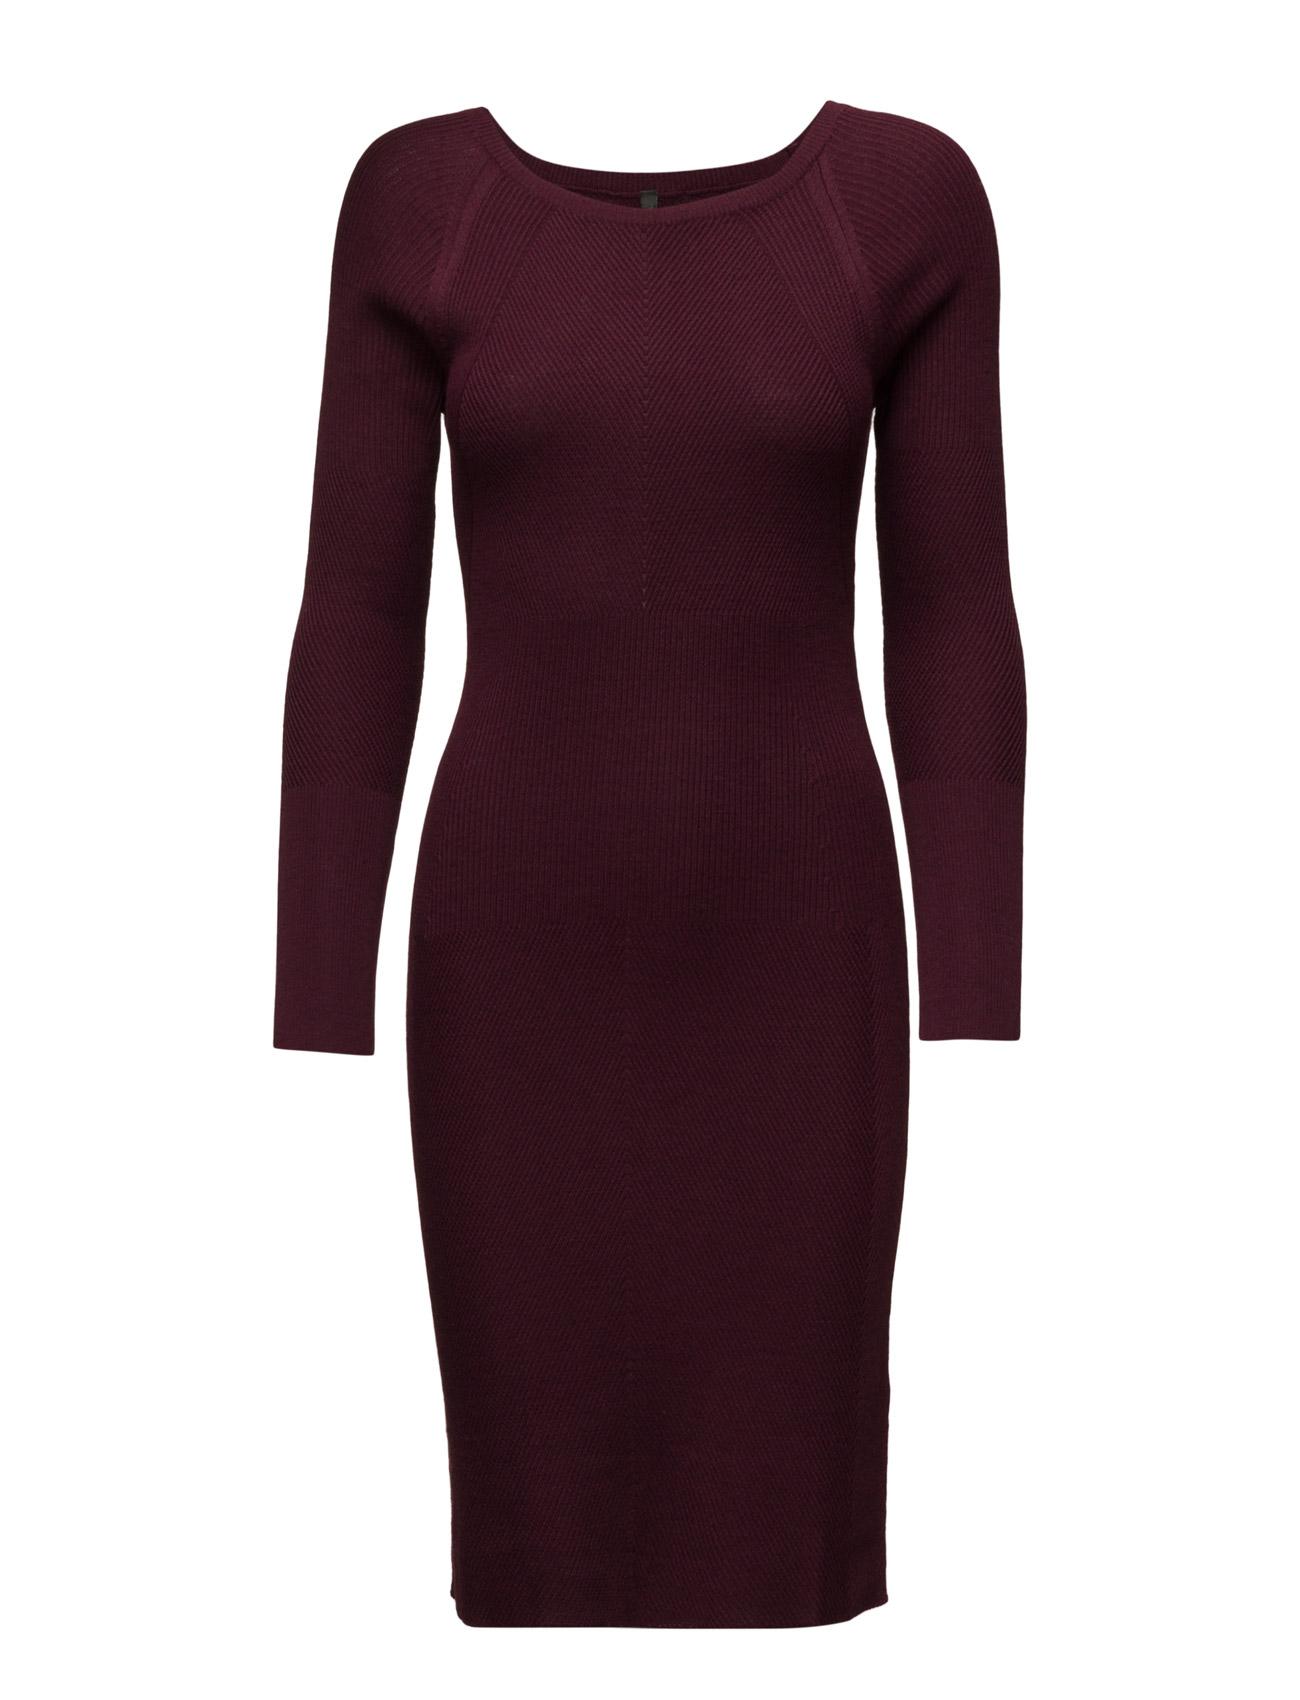 Dress United Colors of Benetton Kjoler til Kvinder i Bourgogne